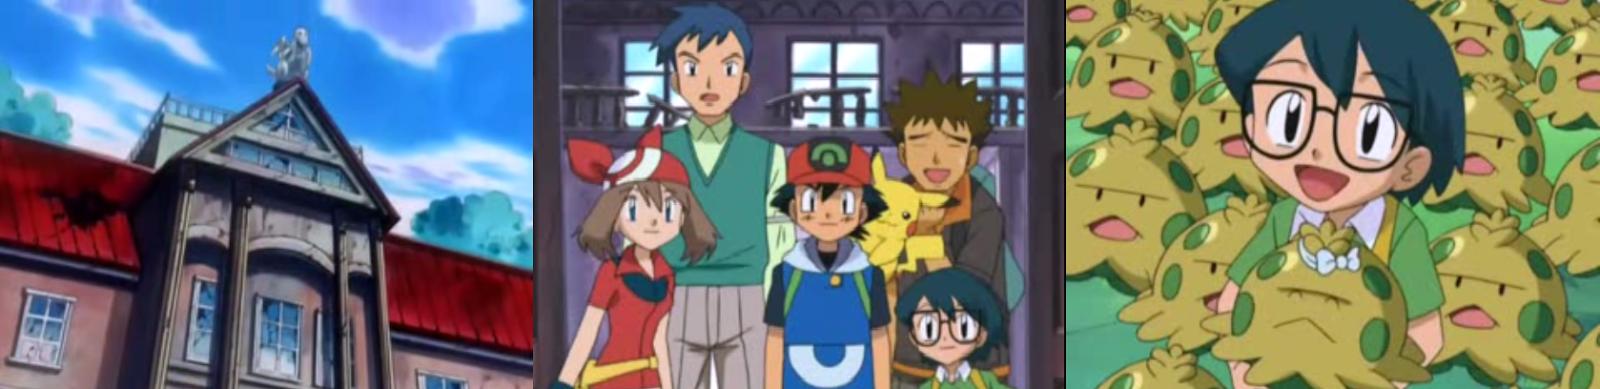 Pokémon -  Capítulo 9 - Temporada 6 - Audio Latino